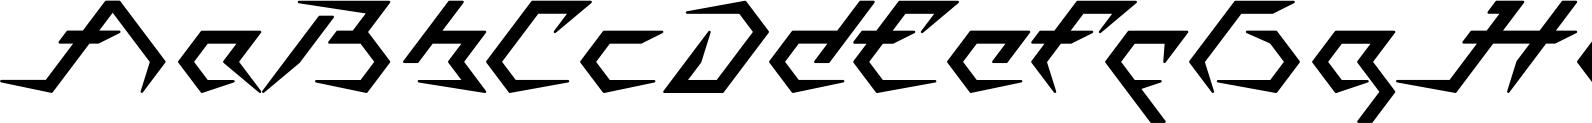 Casiopeia